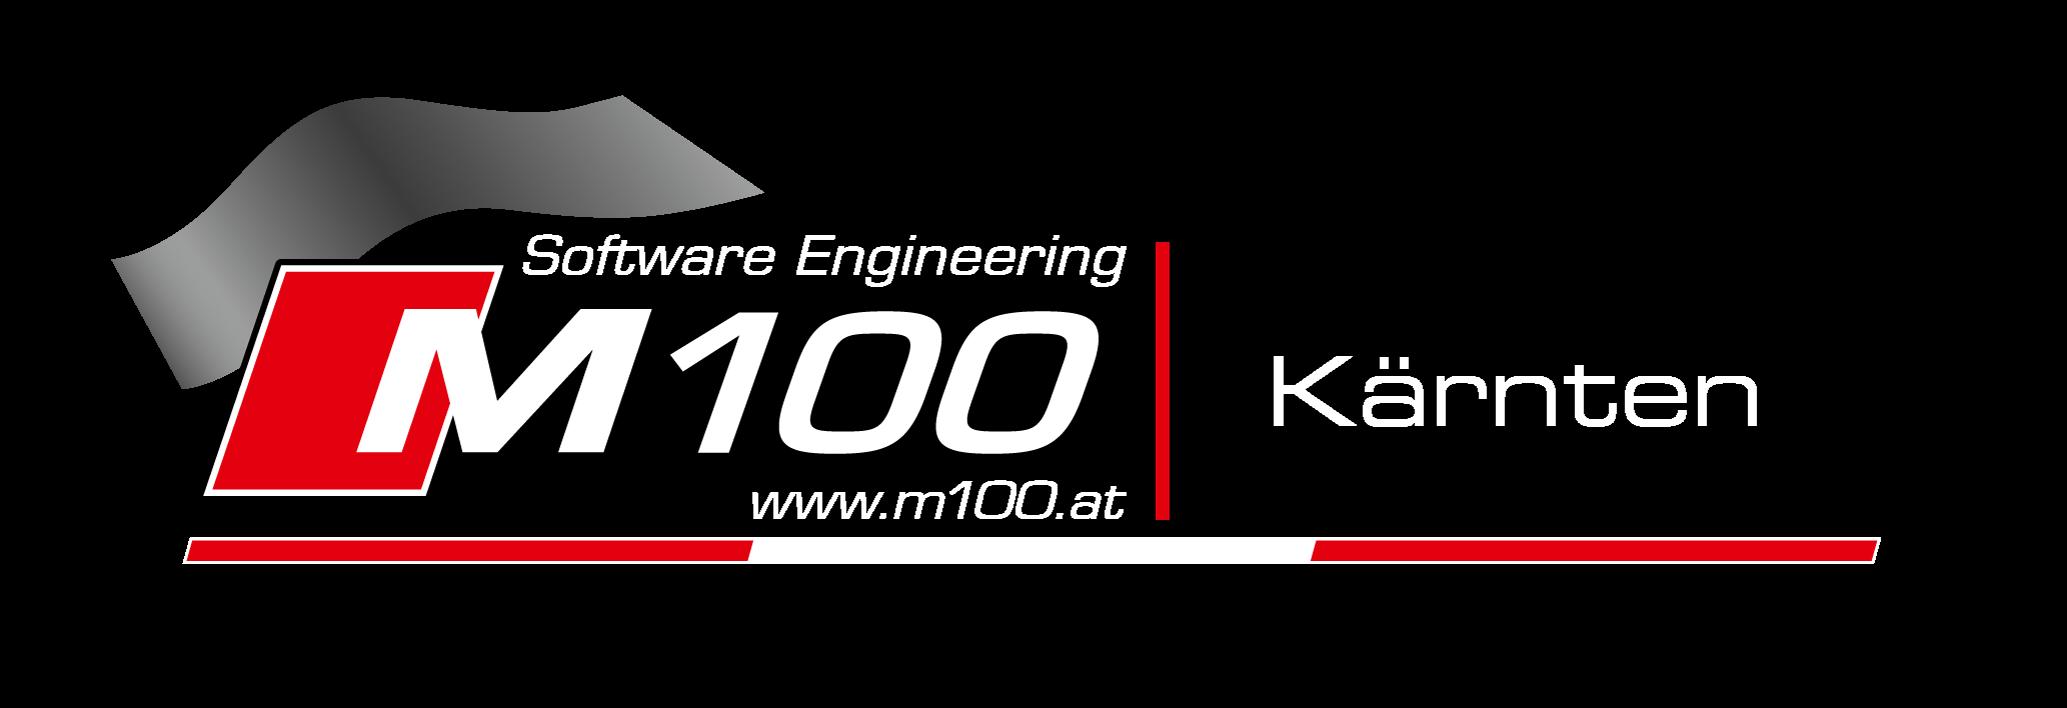 m100-kaernten